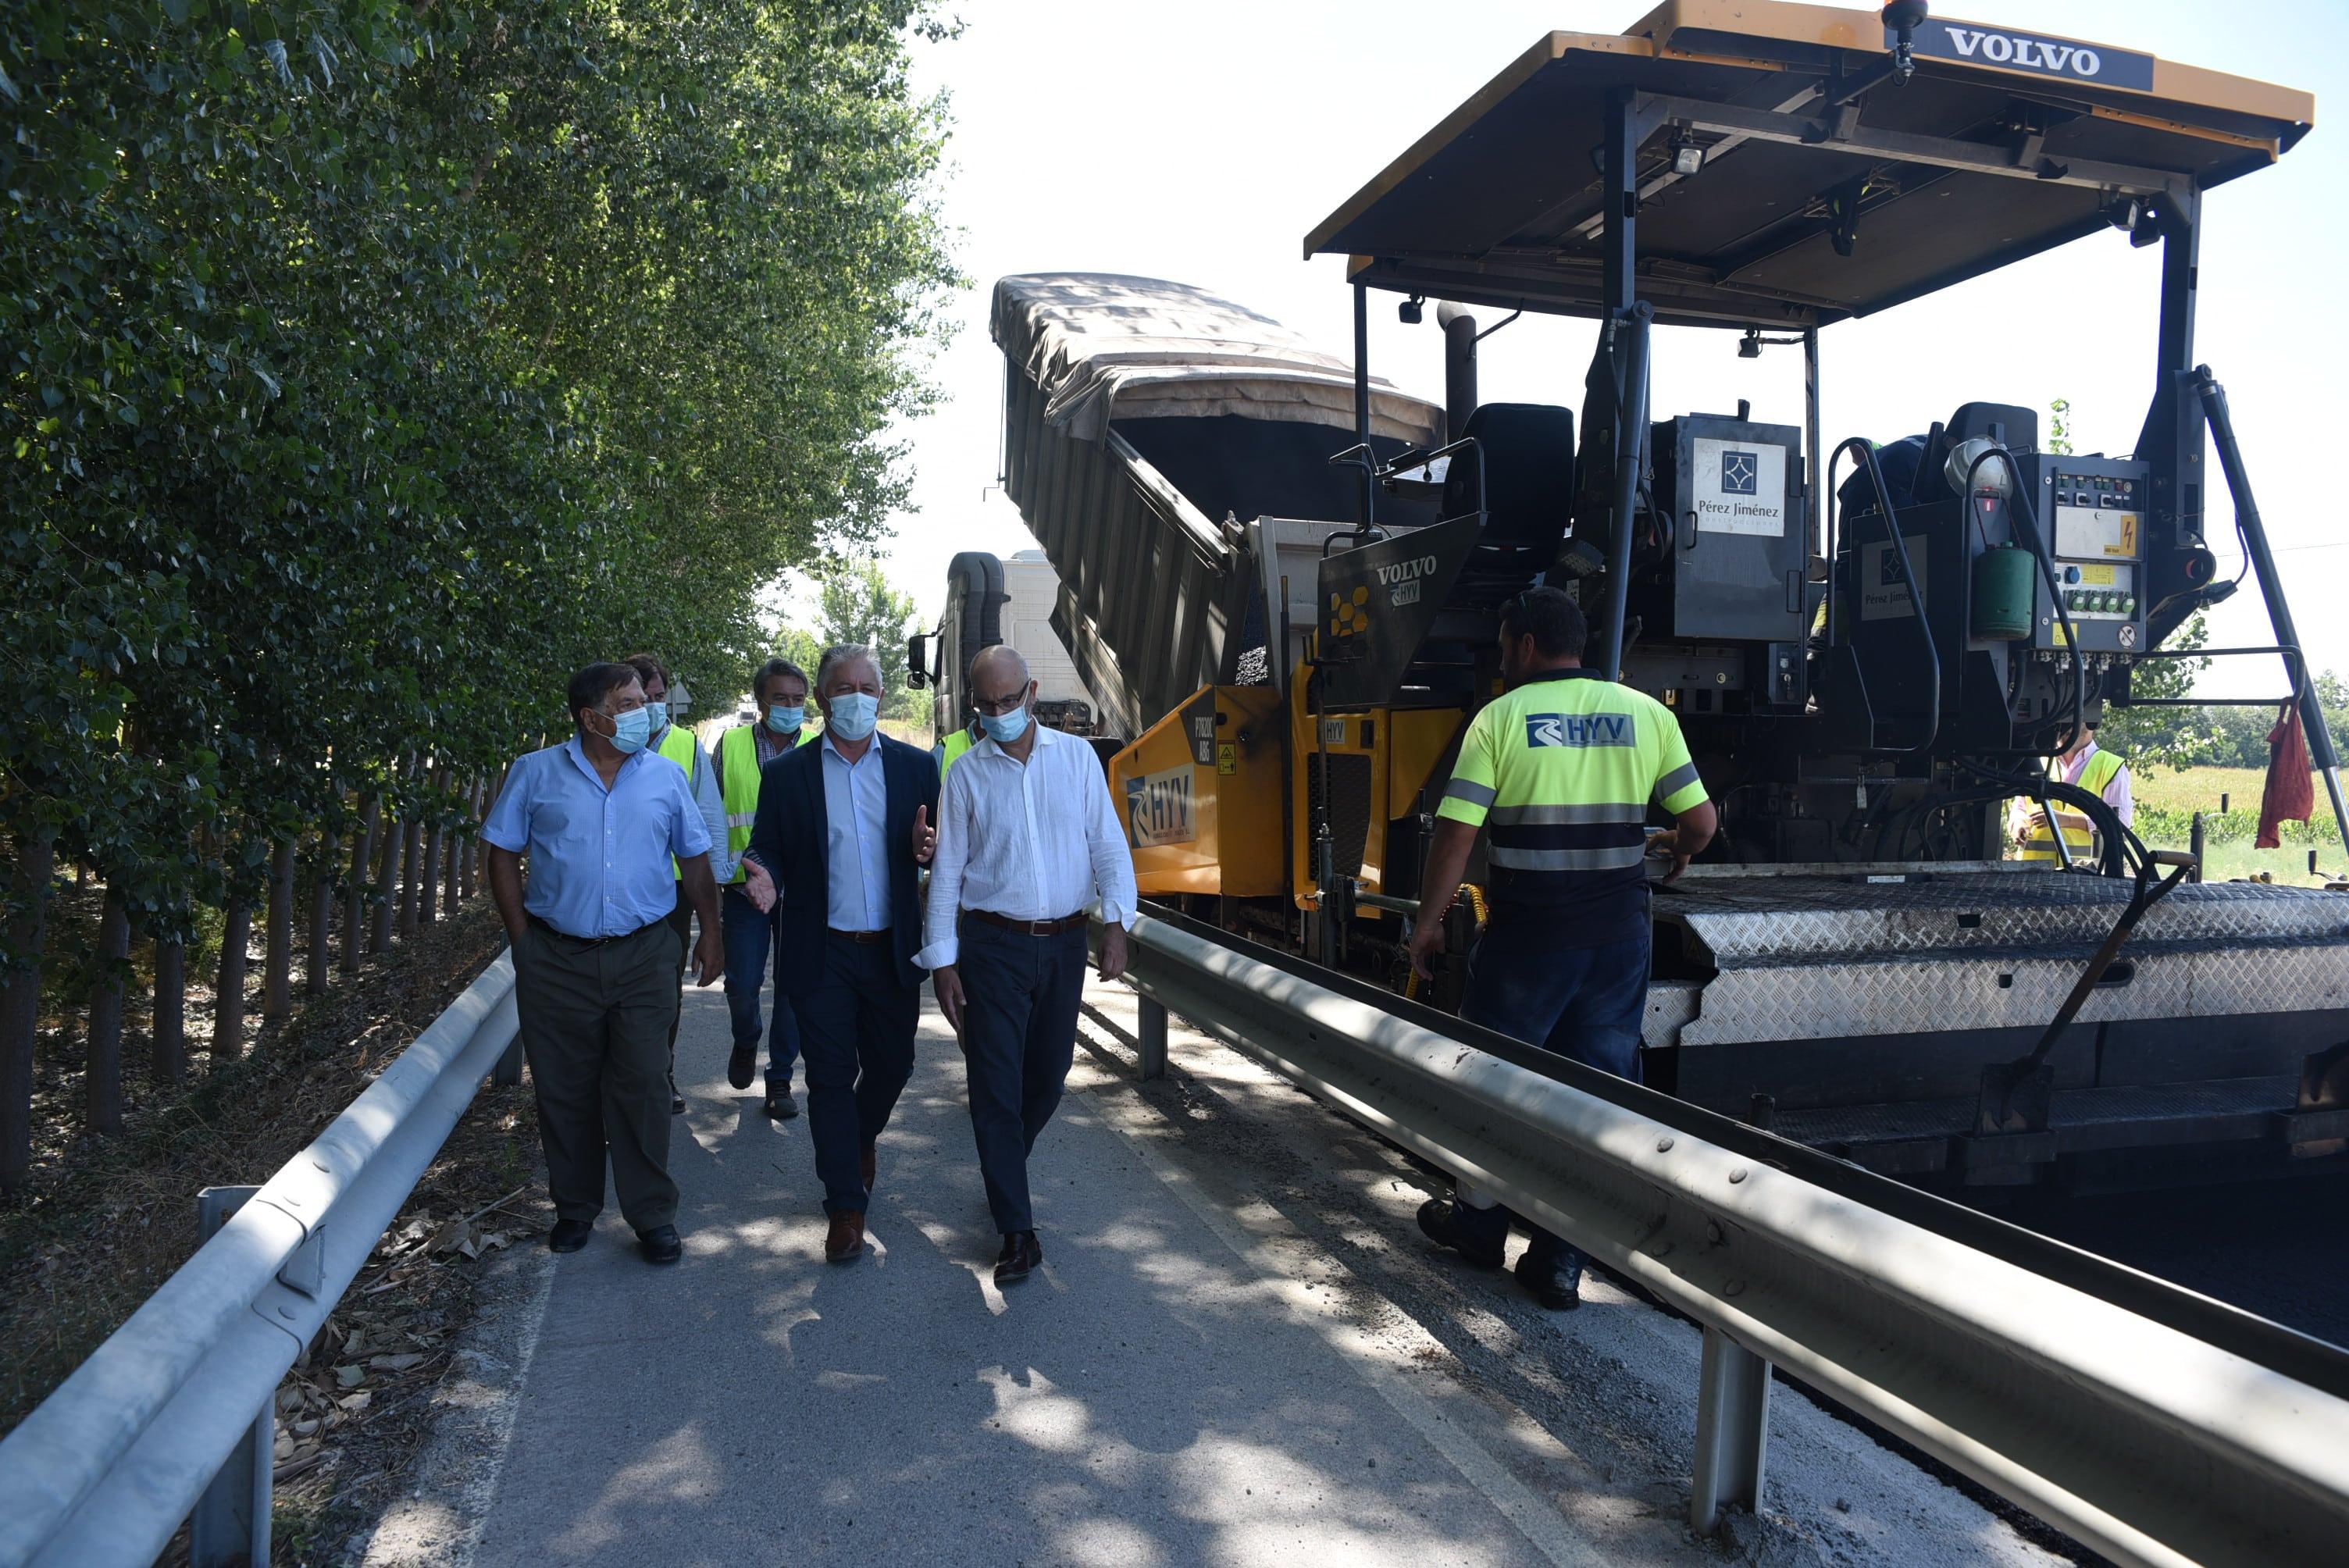 Diputación interviene en la carretera que cruza el barrio de La Pulga de Santa Fe para mejorar la seguridad